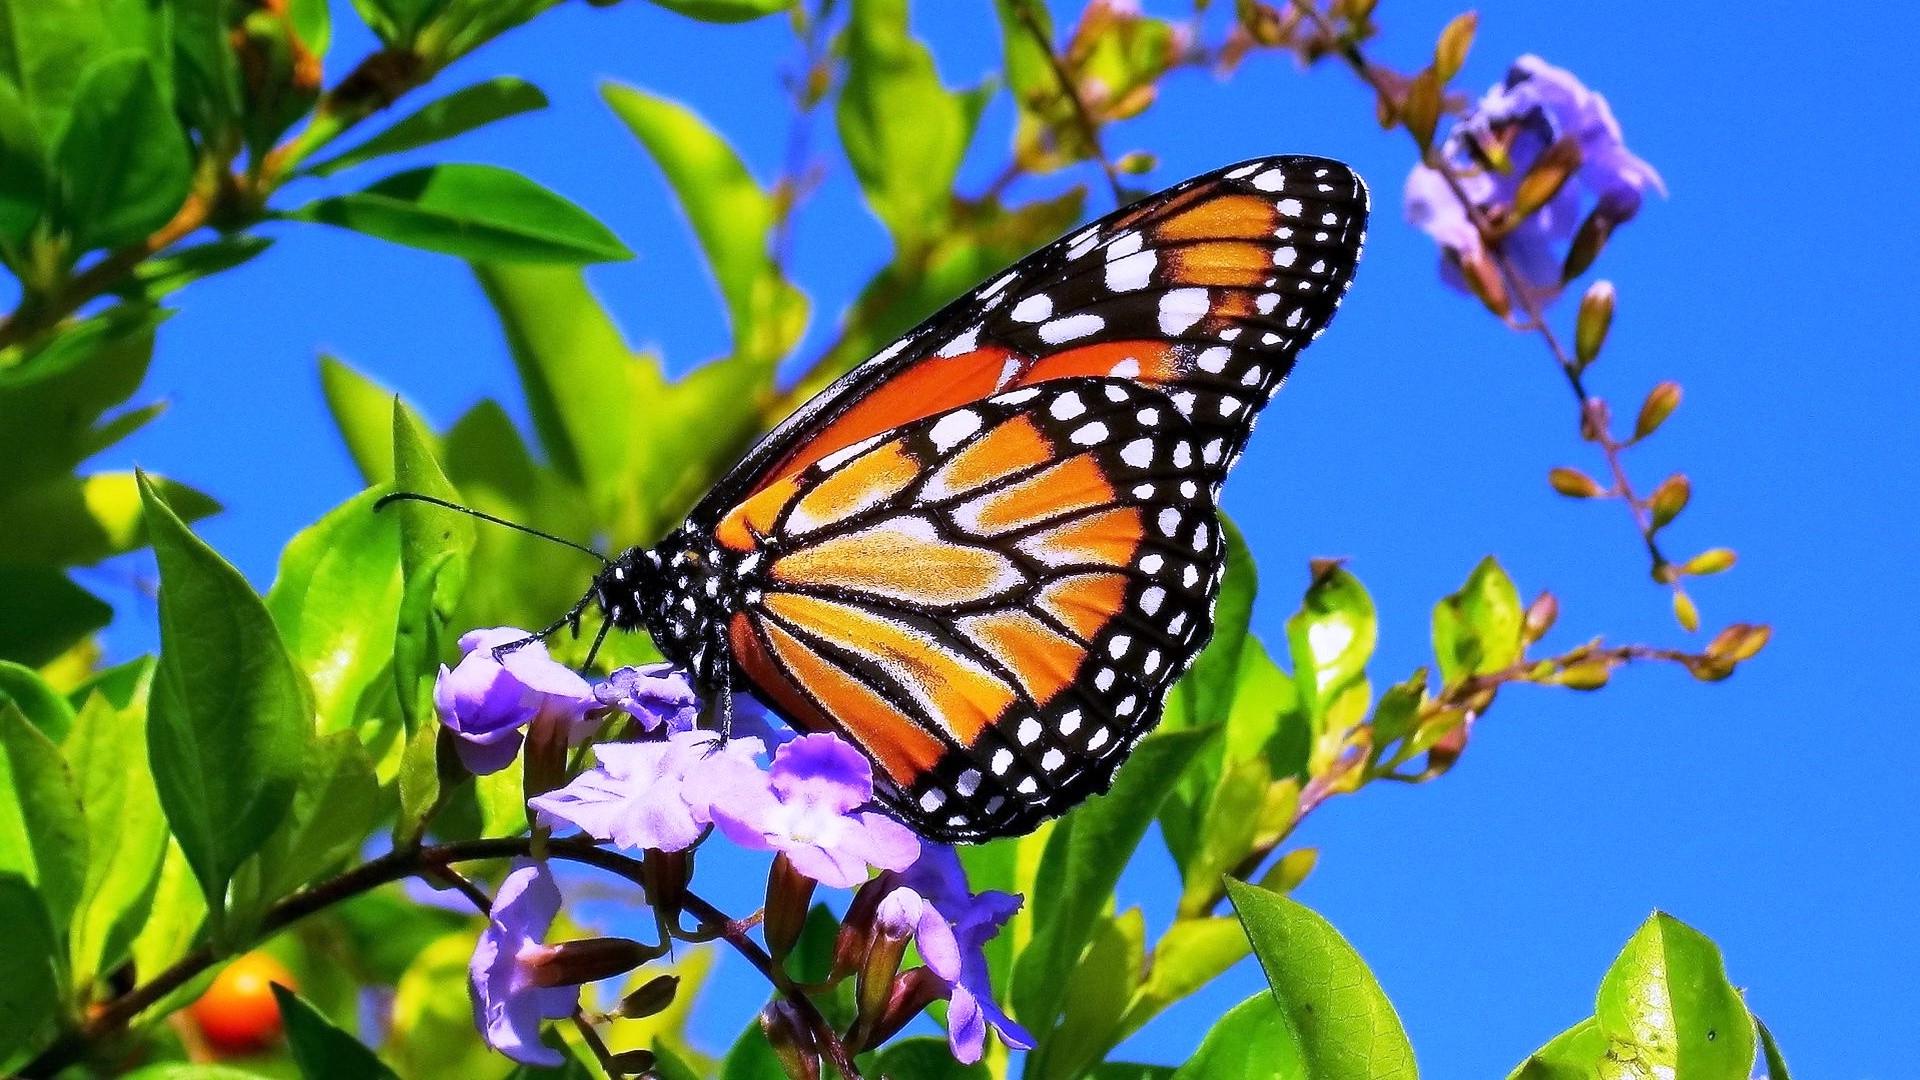 Spring Flower Wallpaper Butterflies 14679 Wallpaper Wallpaper hd 1920x1080